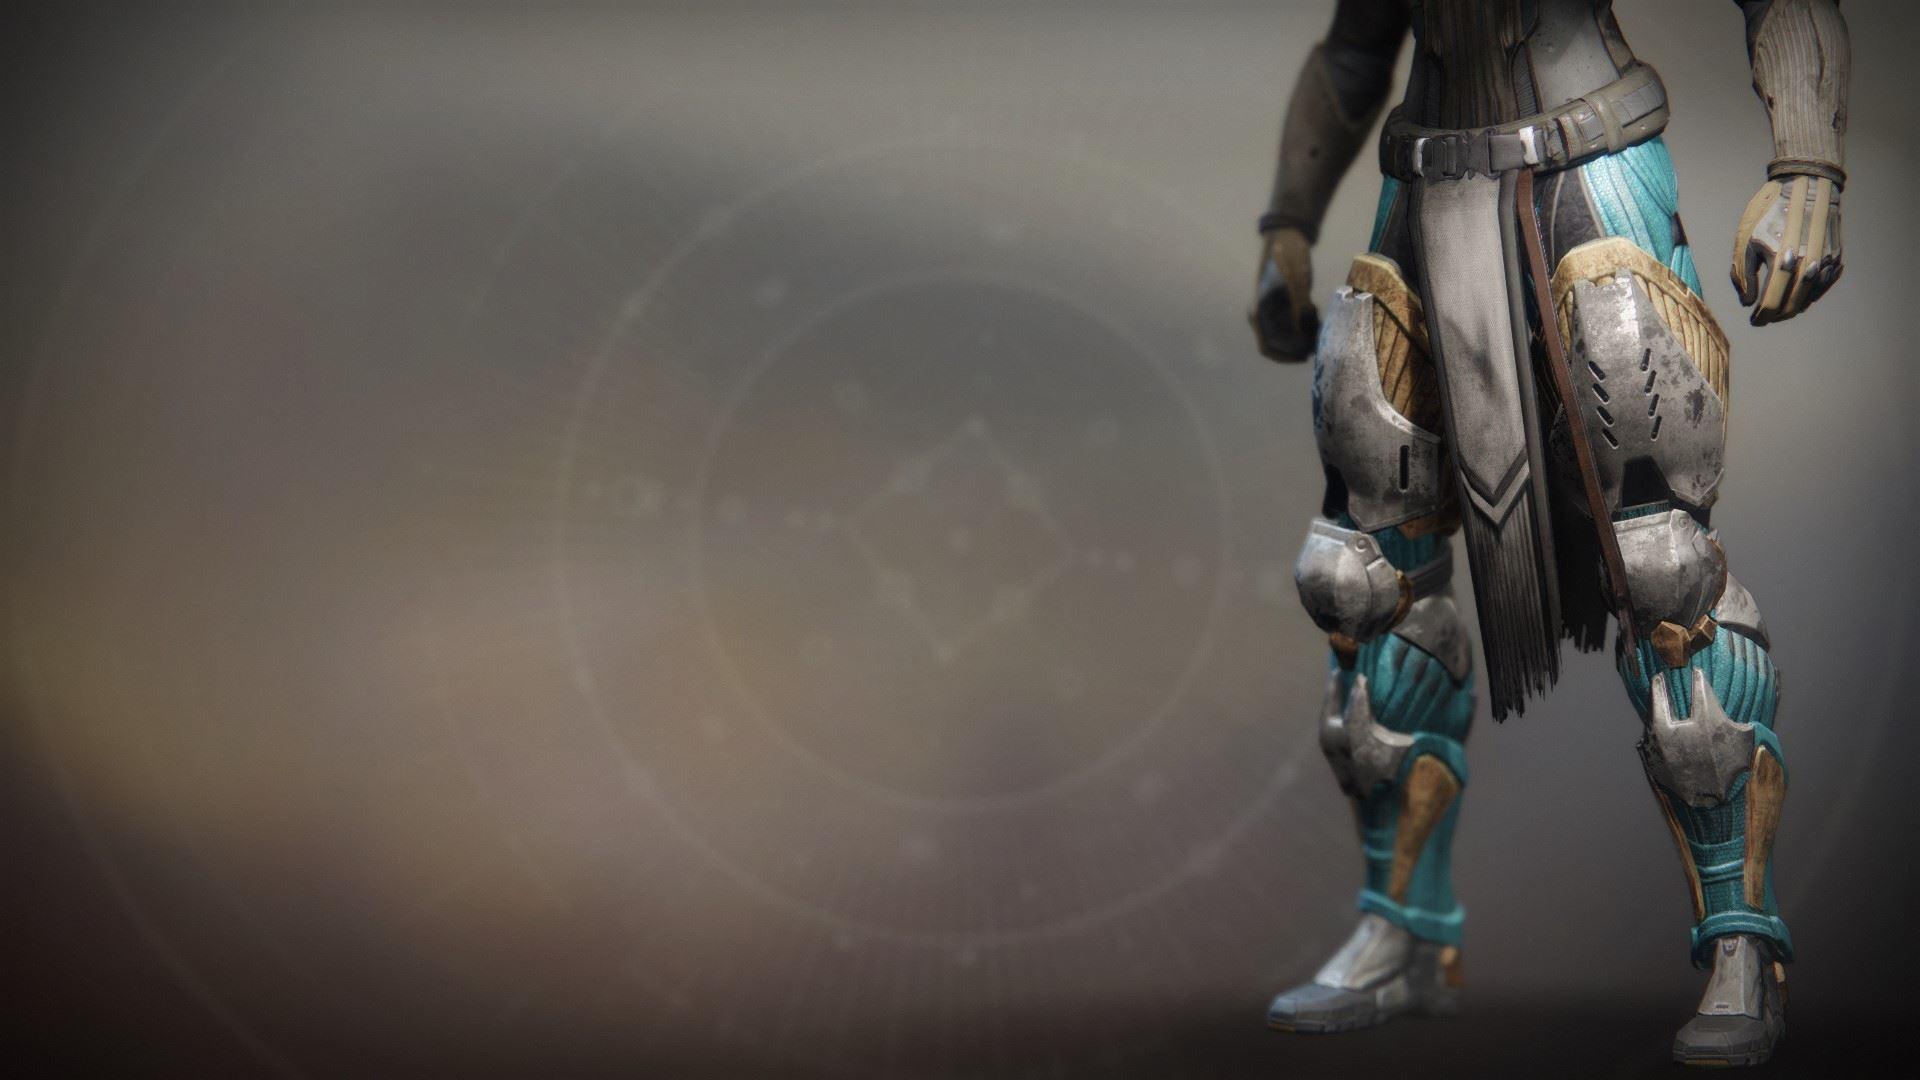 Star-Crossed Footsteps - Destiny 2 Legendary Leg Armor